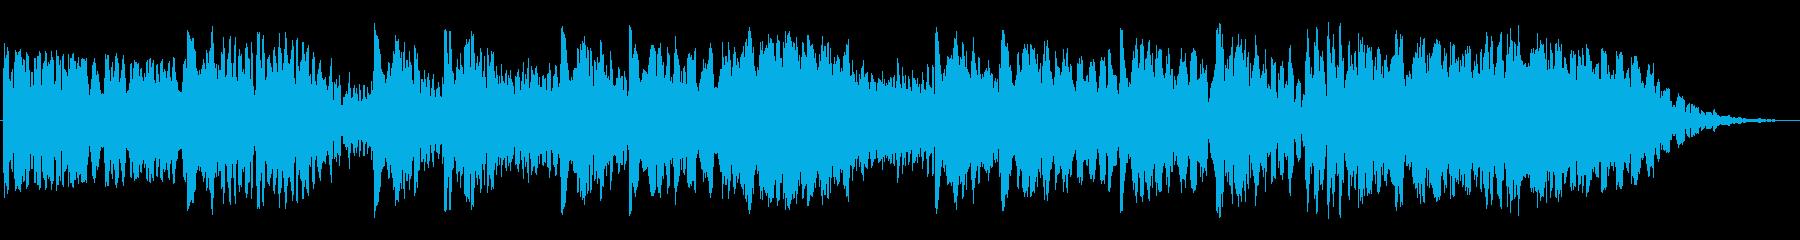 ソナーマーチSci Fiバンパーの再生済みの波形